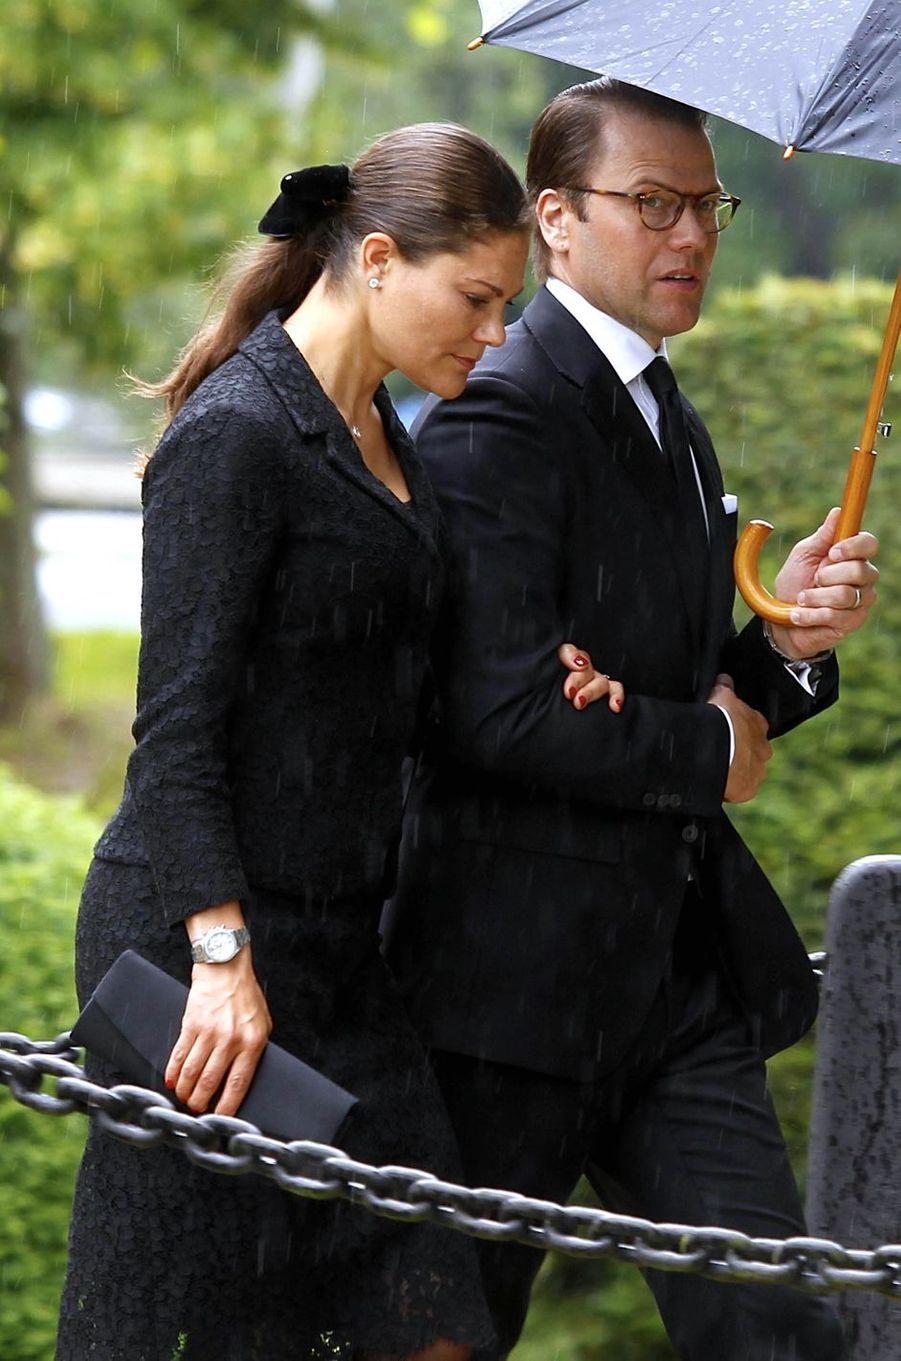 La princesse Victoria de Suède et le prince Daniel aux obsèques de la comtesse Alice Trolle-Wachtmeister à Trolle-Ljungby, le 12 juillet 2017